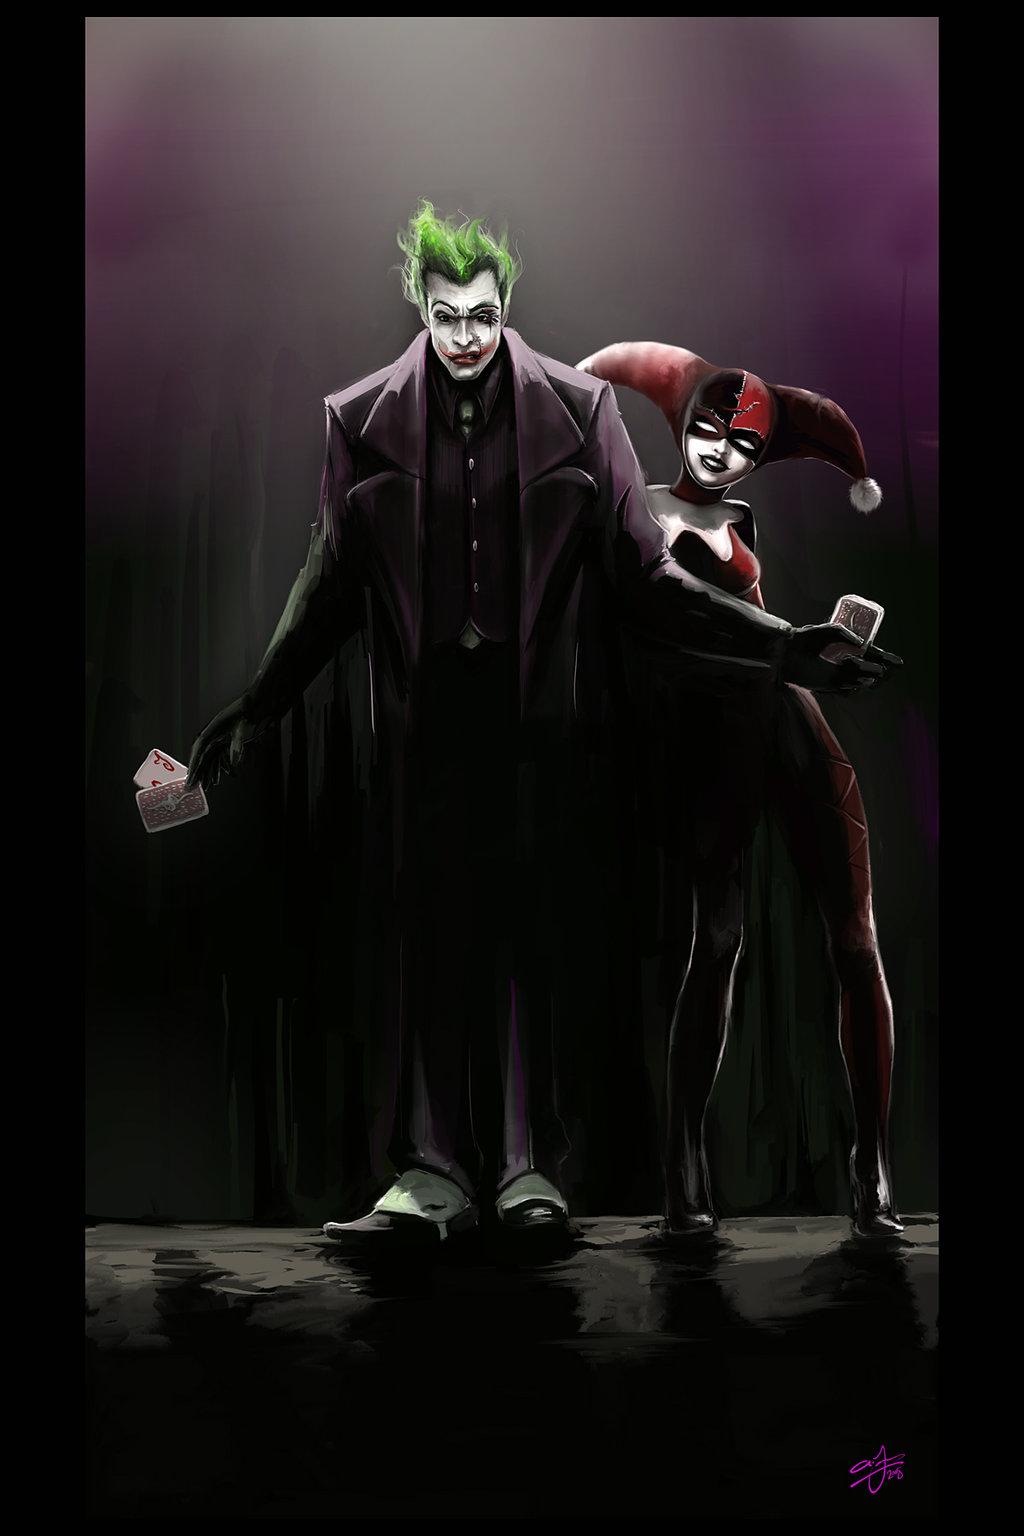 Batman vs poison ivy - 1 part 3